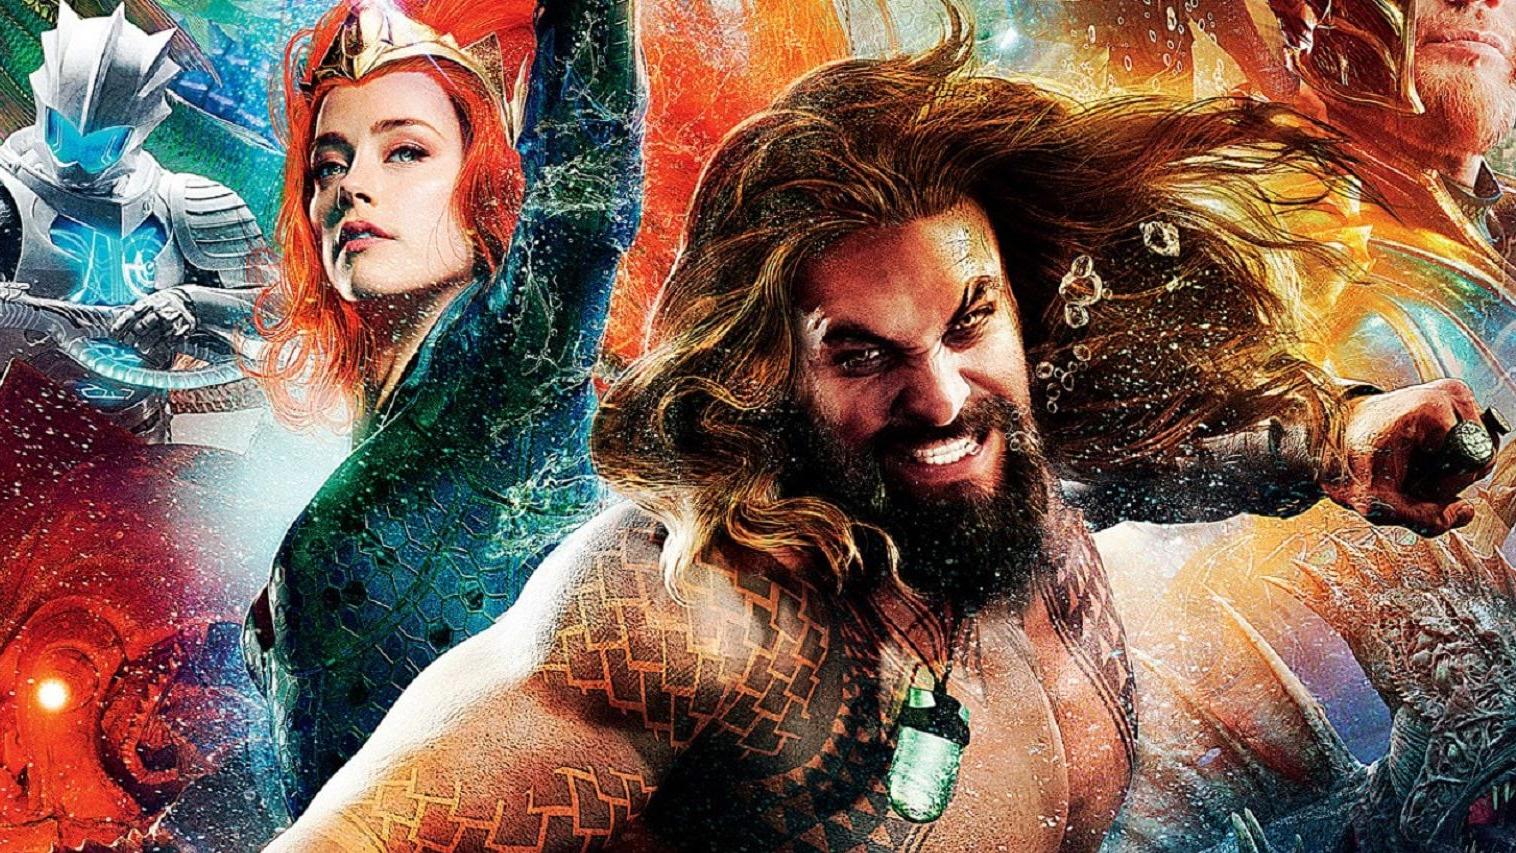 Aquaman 2 Facing Boycotts And Backlash